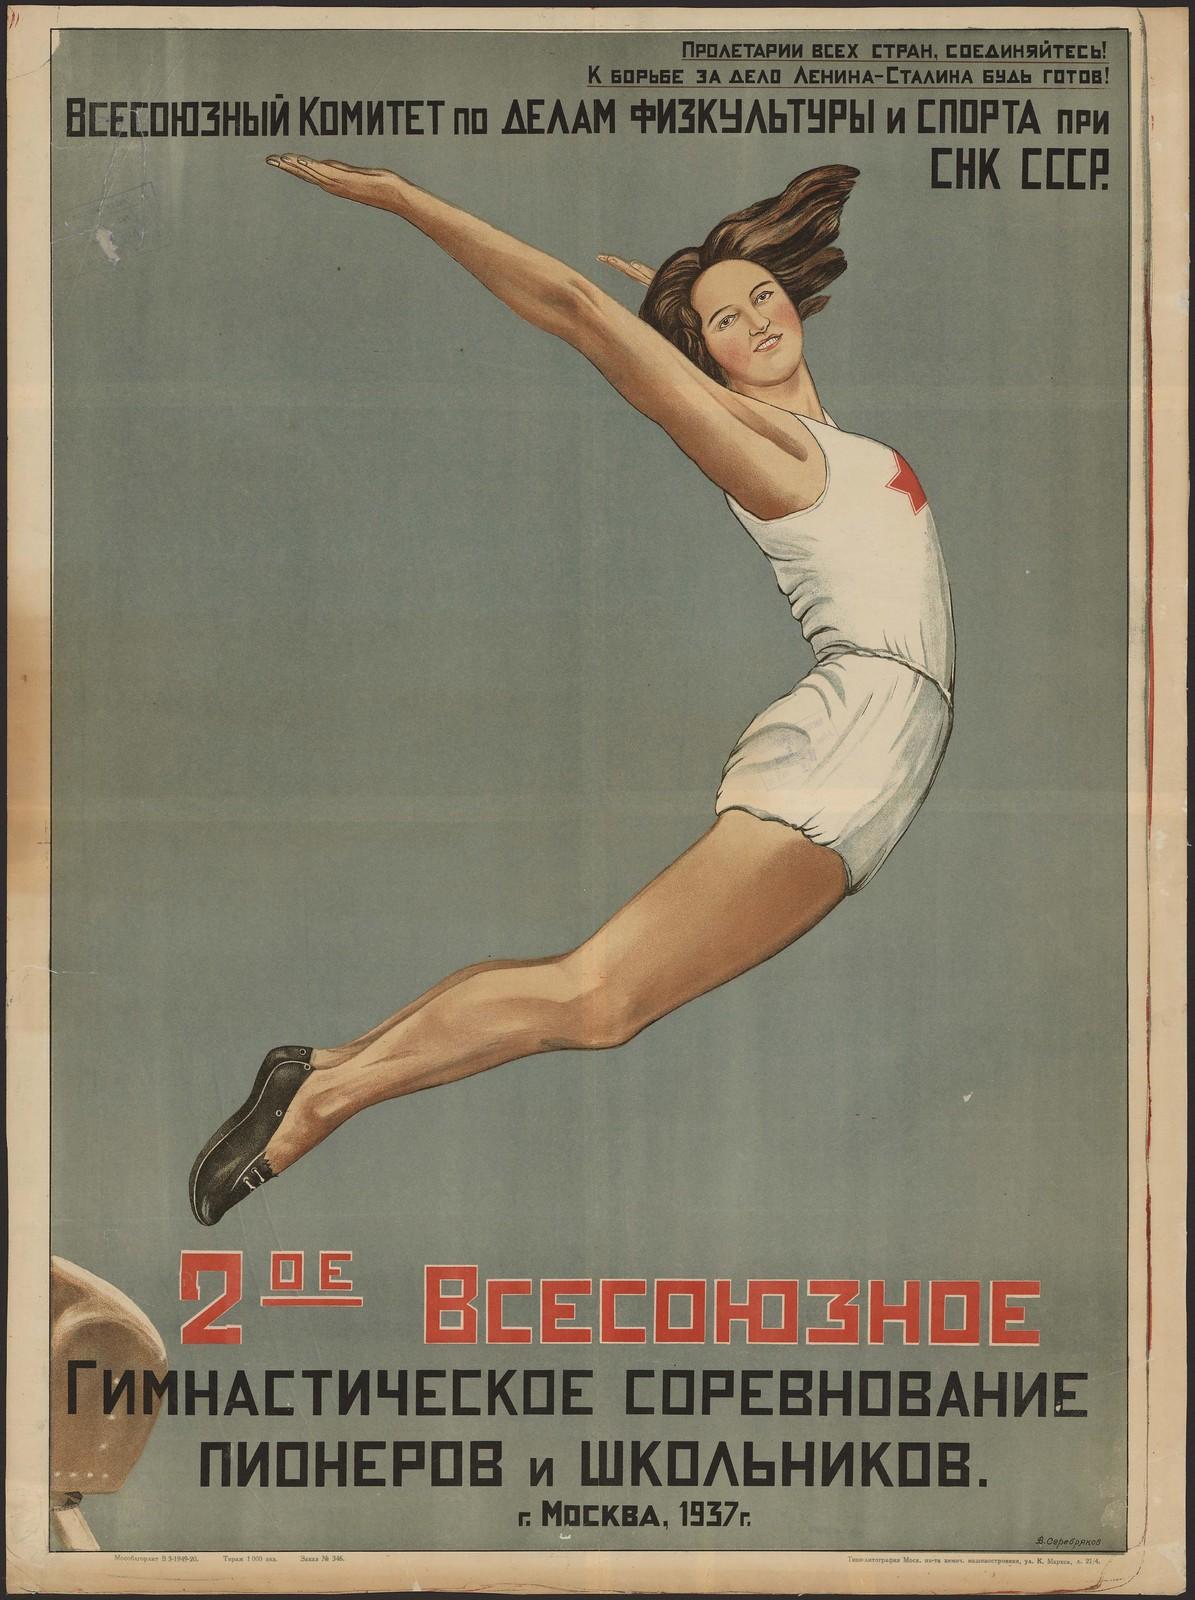 1937. 2-ое Всесоюзное Гимнастическое соревнование пионеров и школьников